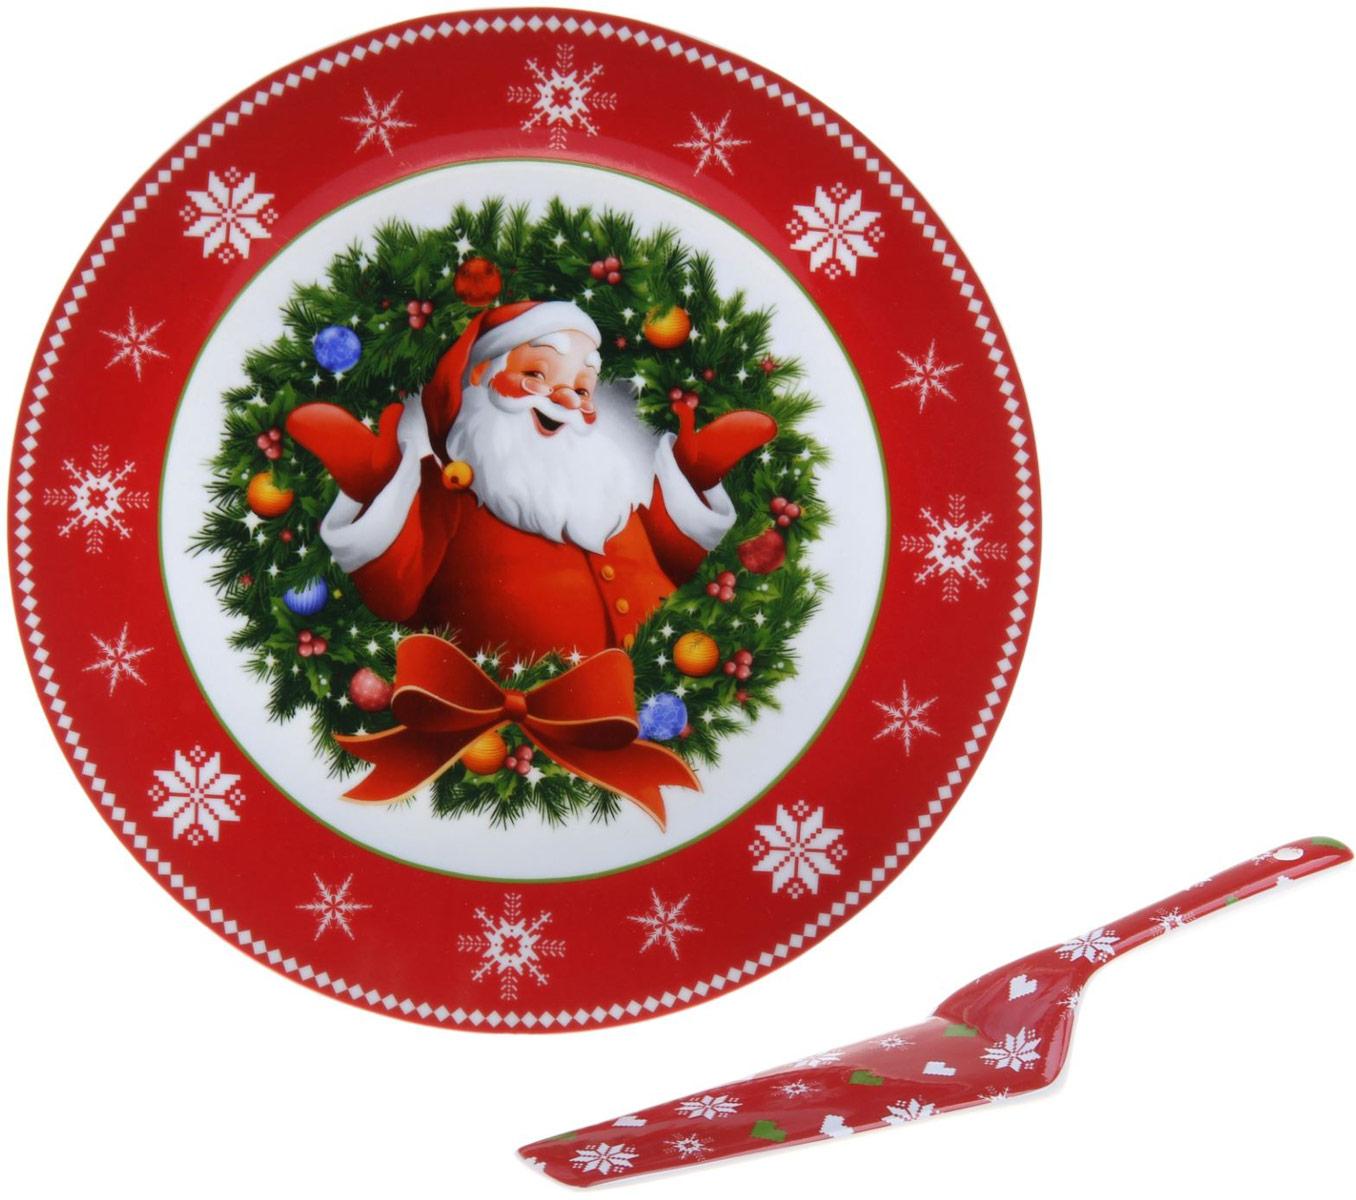 Тортовница Доляна Дед Мороз, с лопаткой1113420Неизменным атрибутом любого праздничного стола будет сладкий торт или прекрасный пышный пирог. И под это великолепие следует подбирать исключительно красивую посуду! Тортовница d=27 см с лопаткой Дед Мороз— выбор всех, кто ценит красоту, изящество и функционал. Оптимальный диаметр 27 сантиметров позволит с комфортом разместить пирог, торт, пирожное или домашнее печенье. Компактная лопатка поможет с лёгкостью разложить сладости по тарелкам ваших гостей. Яркий дизайн и сочные цвета будут радовать глаз и поднимать настроение при каждом использовании. Благодаря красивой подарочной коробке тортовницу можно преподнести в качестве подарка на свадьбу, день рождения или просто так, без повода, чтобы порадовать дорогого вам человека.Керамическая посуда будет служить долгие годы и станет неотъемлемой частью каждого праздника.